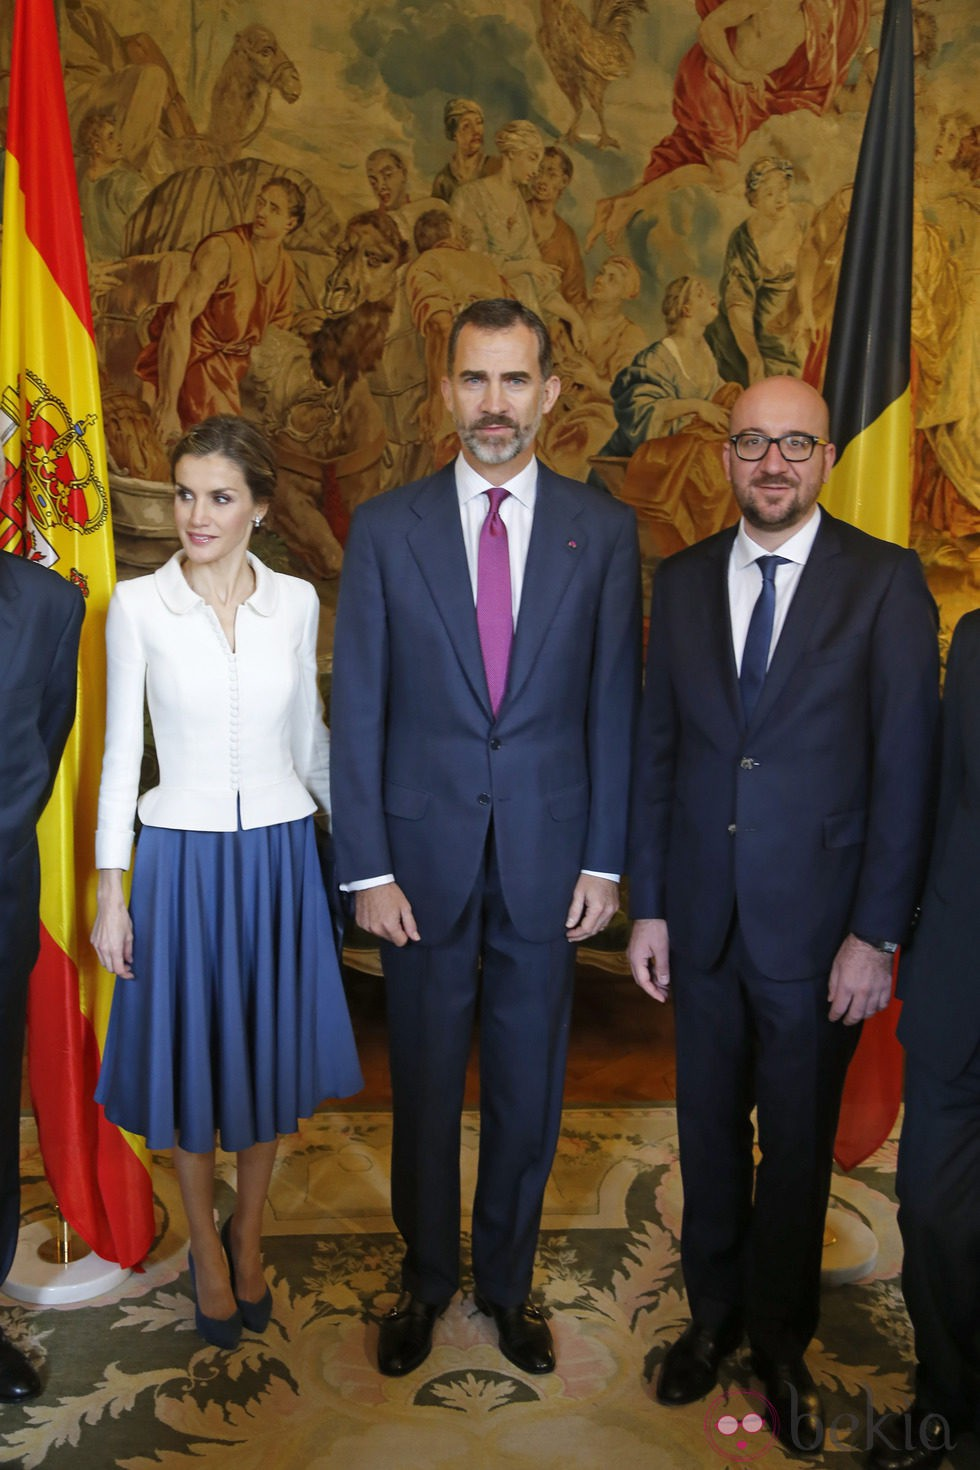 Los Reyes Felipe y Letizia con el Primer Ministro Belga en su primer viaje a Bélgica como Reyes